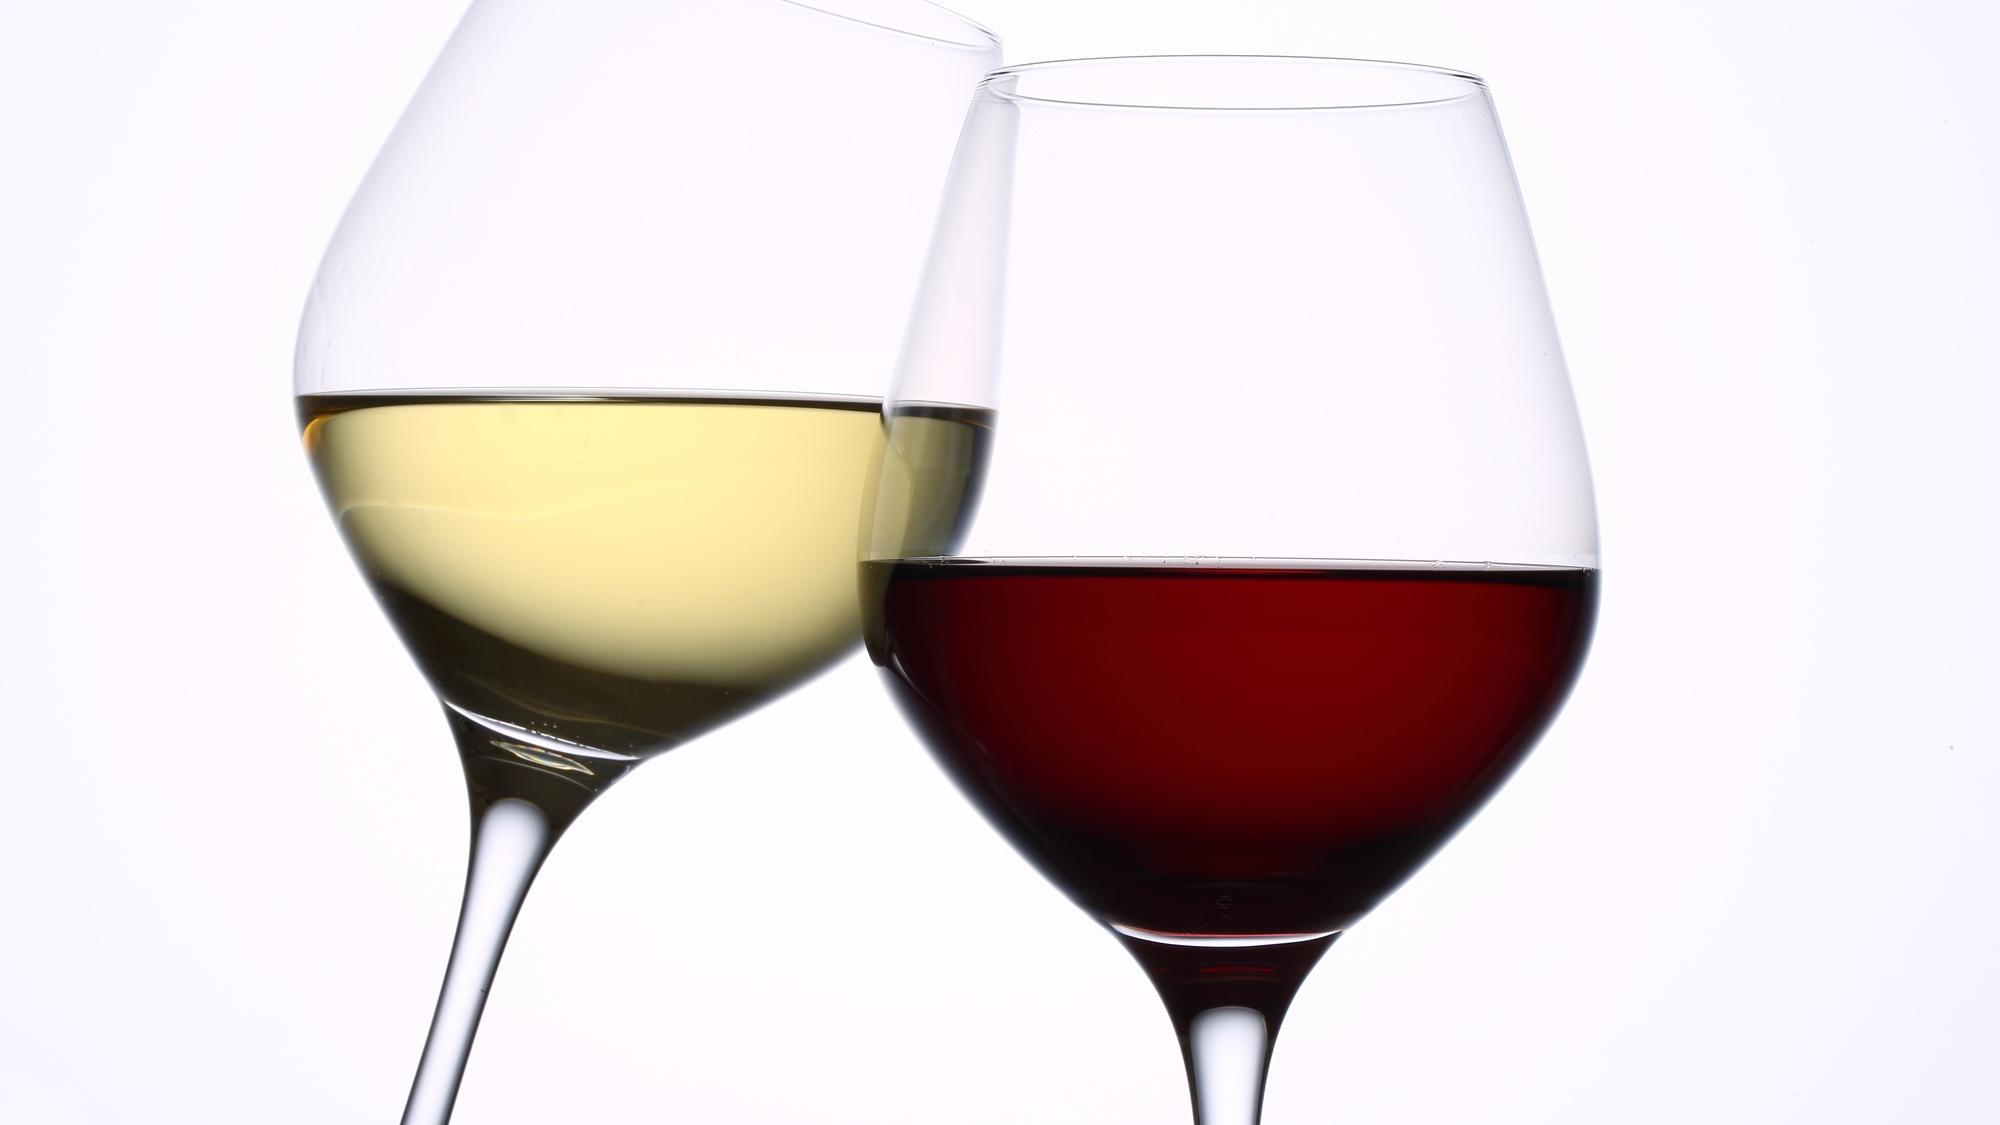 なぜ欧米では投資対象として「ワイン」が人気なのか?